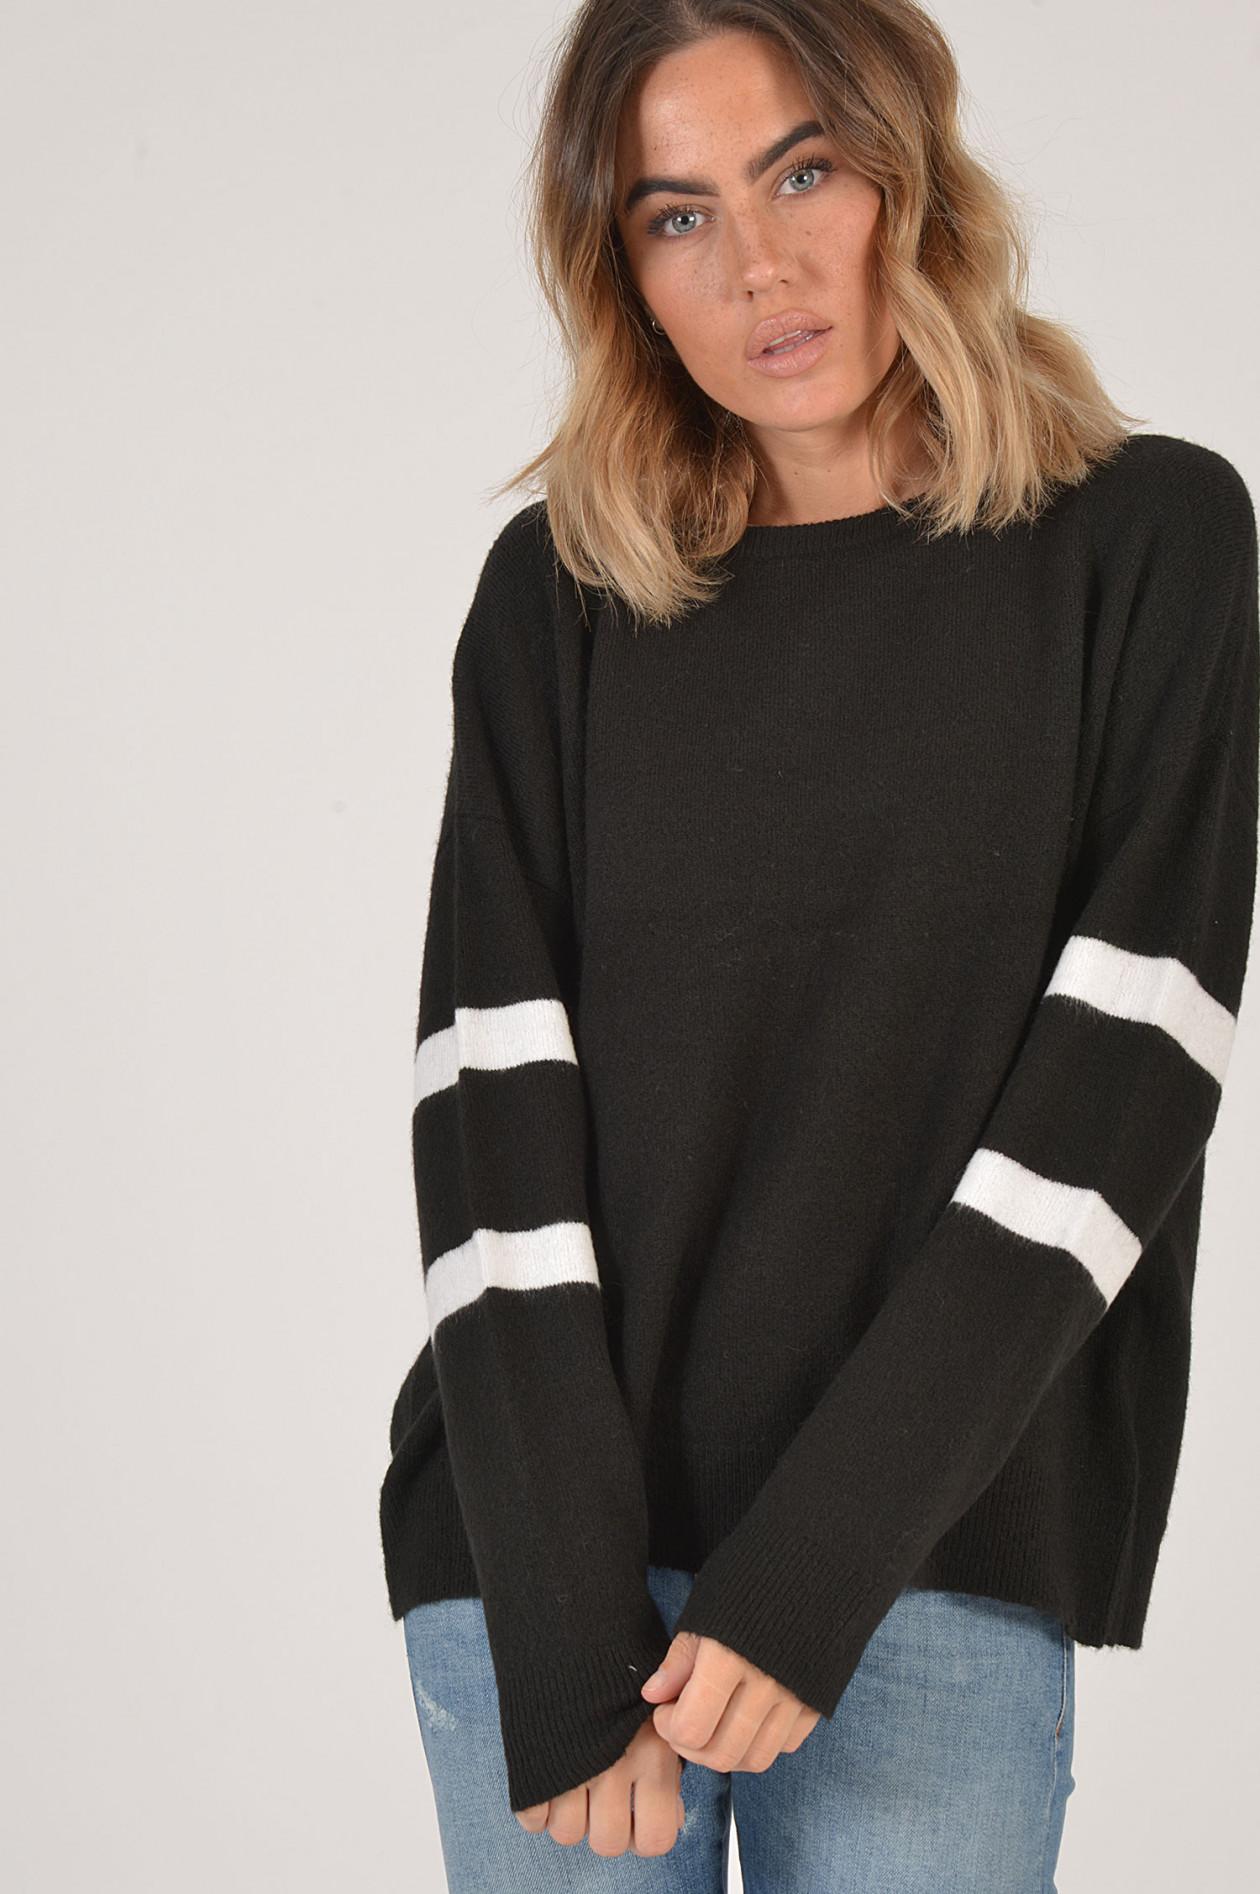 Juvia Sweater SchwarzWeiß gestreift | GRUENER.AT